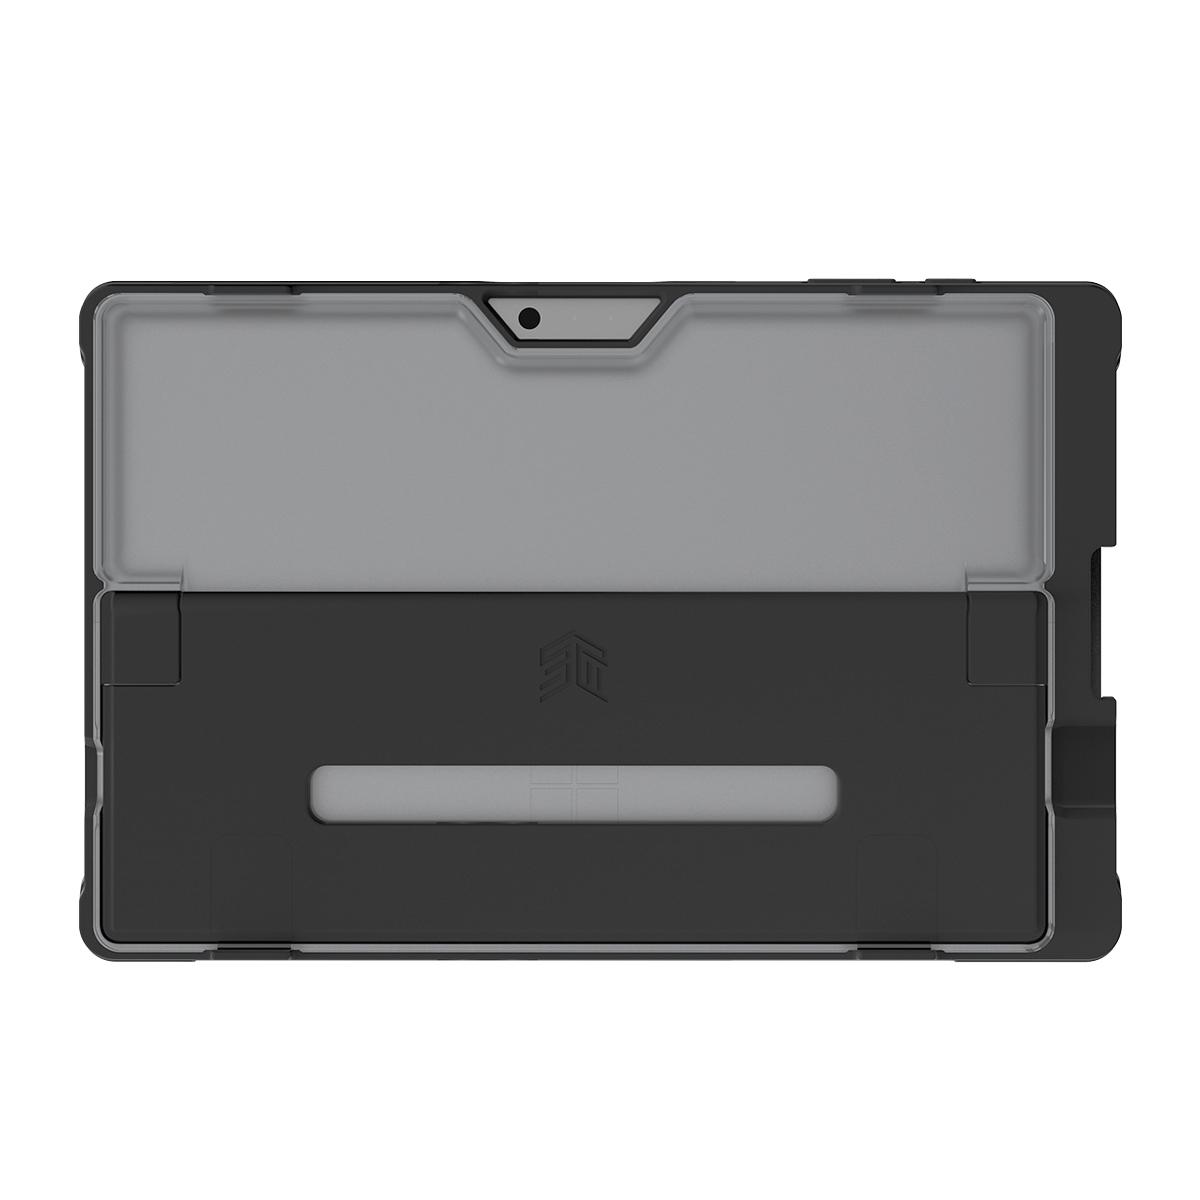 کاور اس تی ام مدل DUX SHELL مناسب برای تبلت مایکروسافت Surface Pro 7 /Pro 6 /Pro 2017 /Pro 4